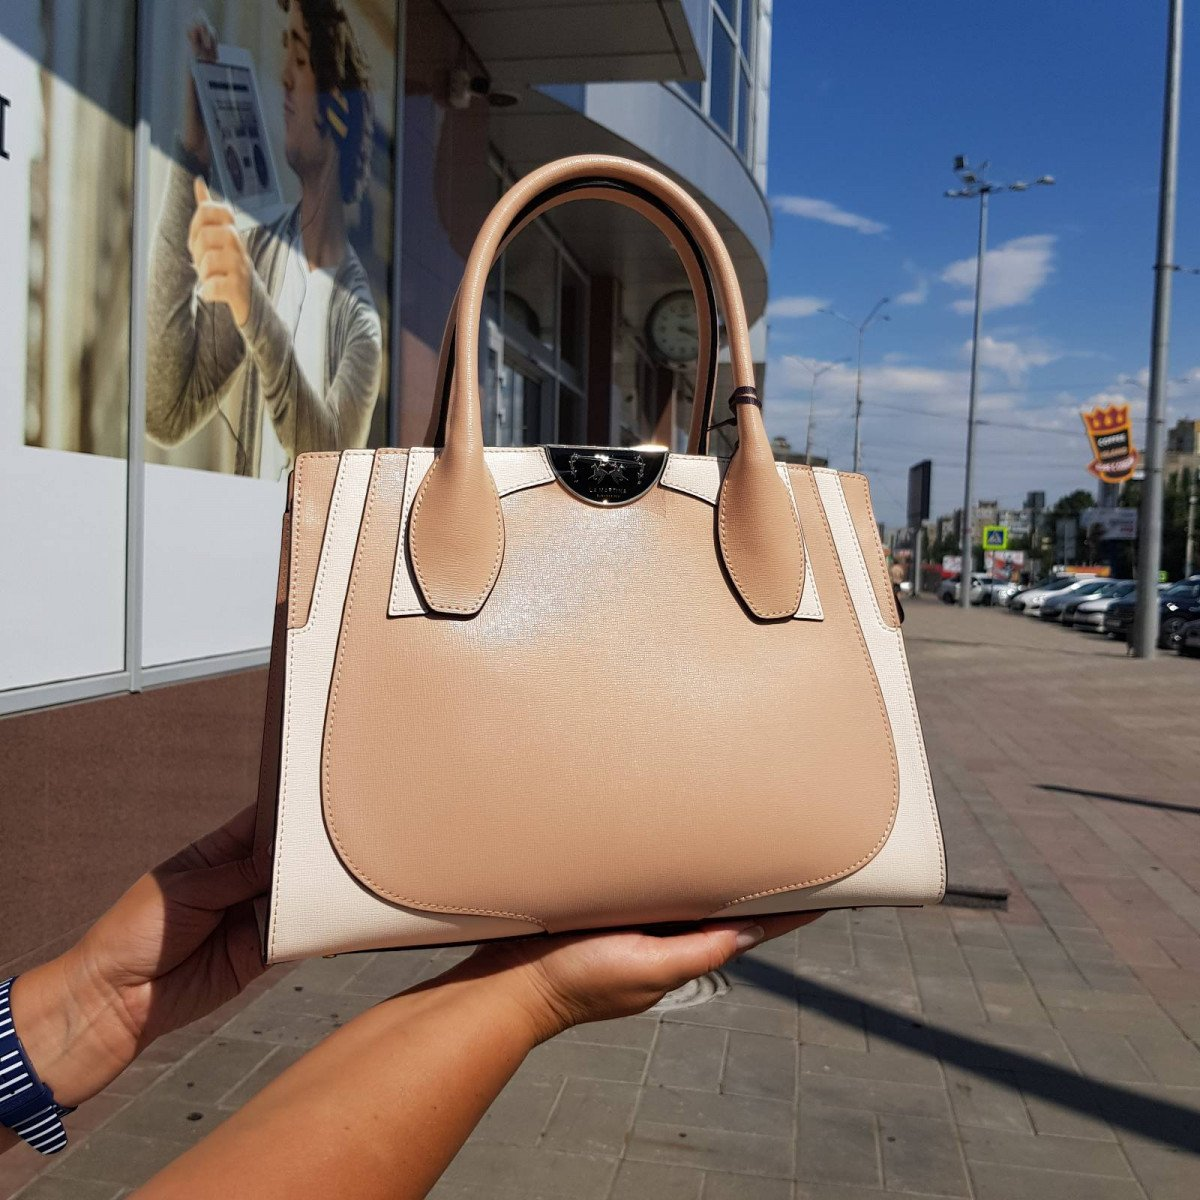 Кожаная женская сумка LA Martina 41W419 P0041 nude/beige из натуральной кожи из натуральной кожи